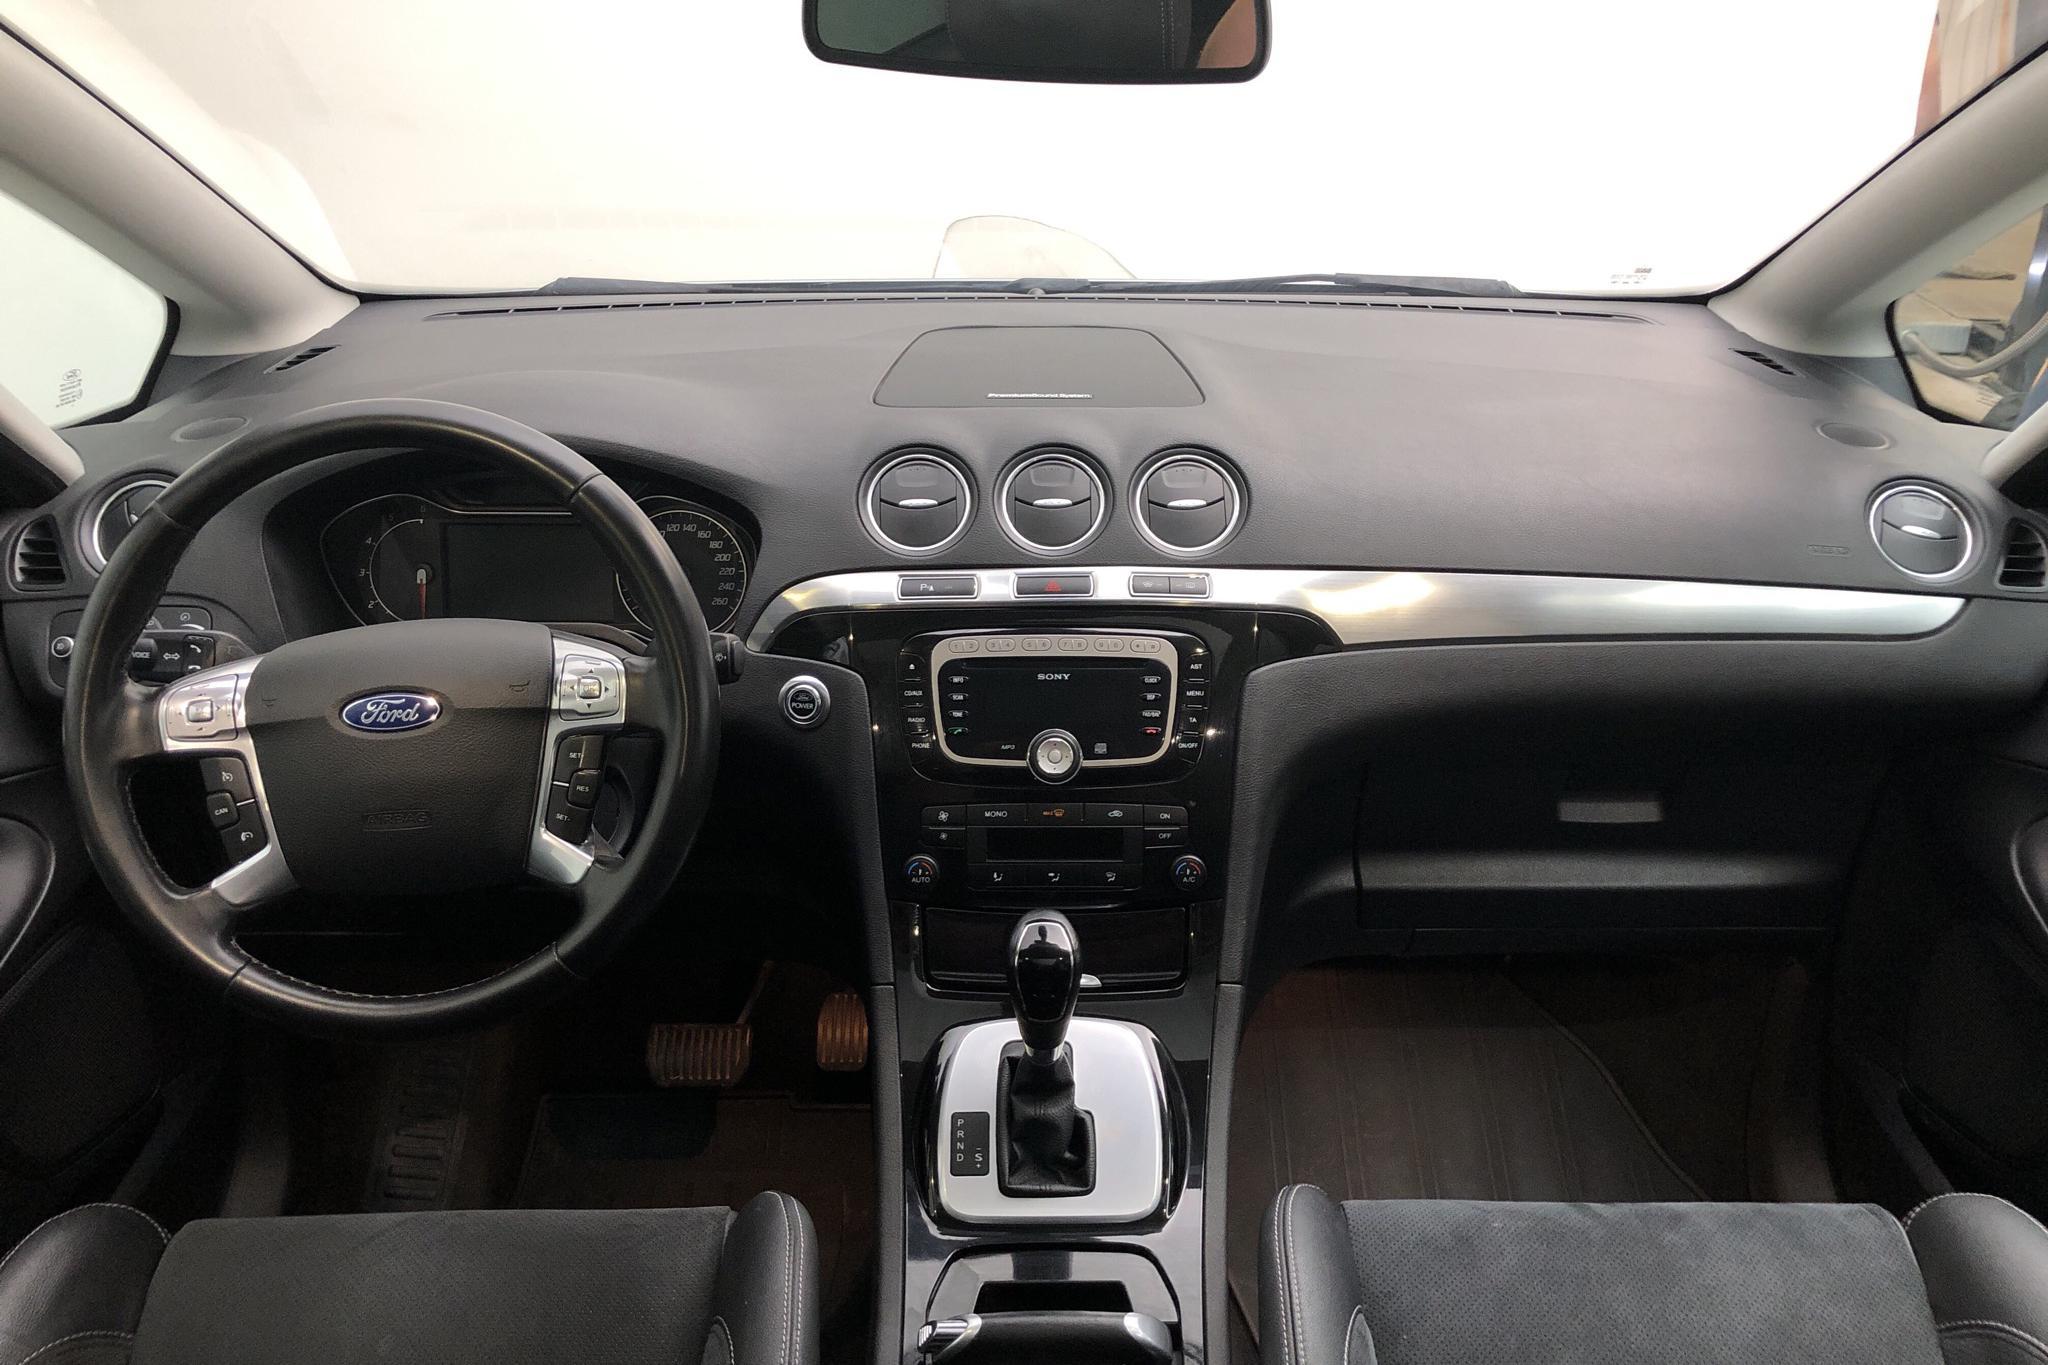 Ford S-MAX 2.2 Duratorq TDCi (200hk) - 22 323 mil - Automat - grå - 2011